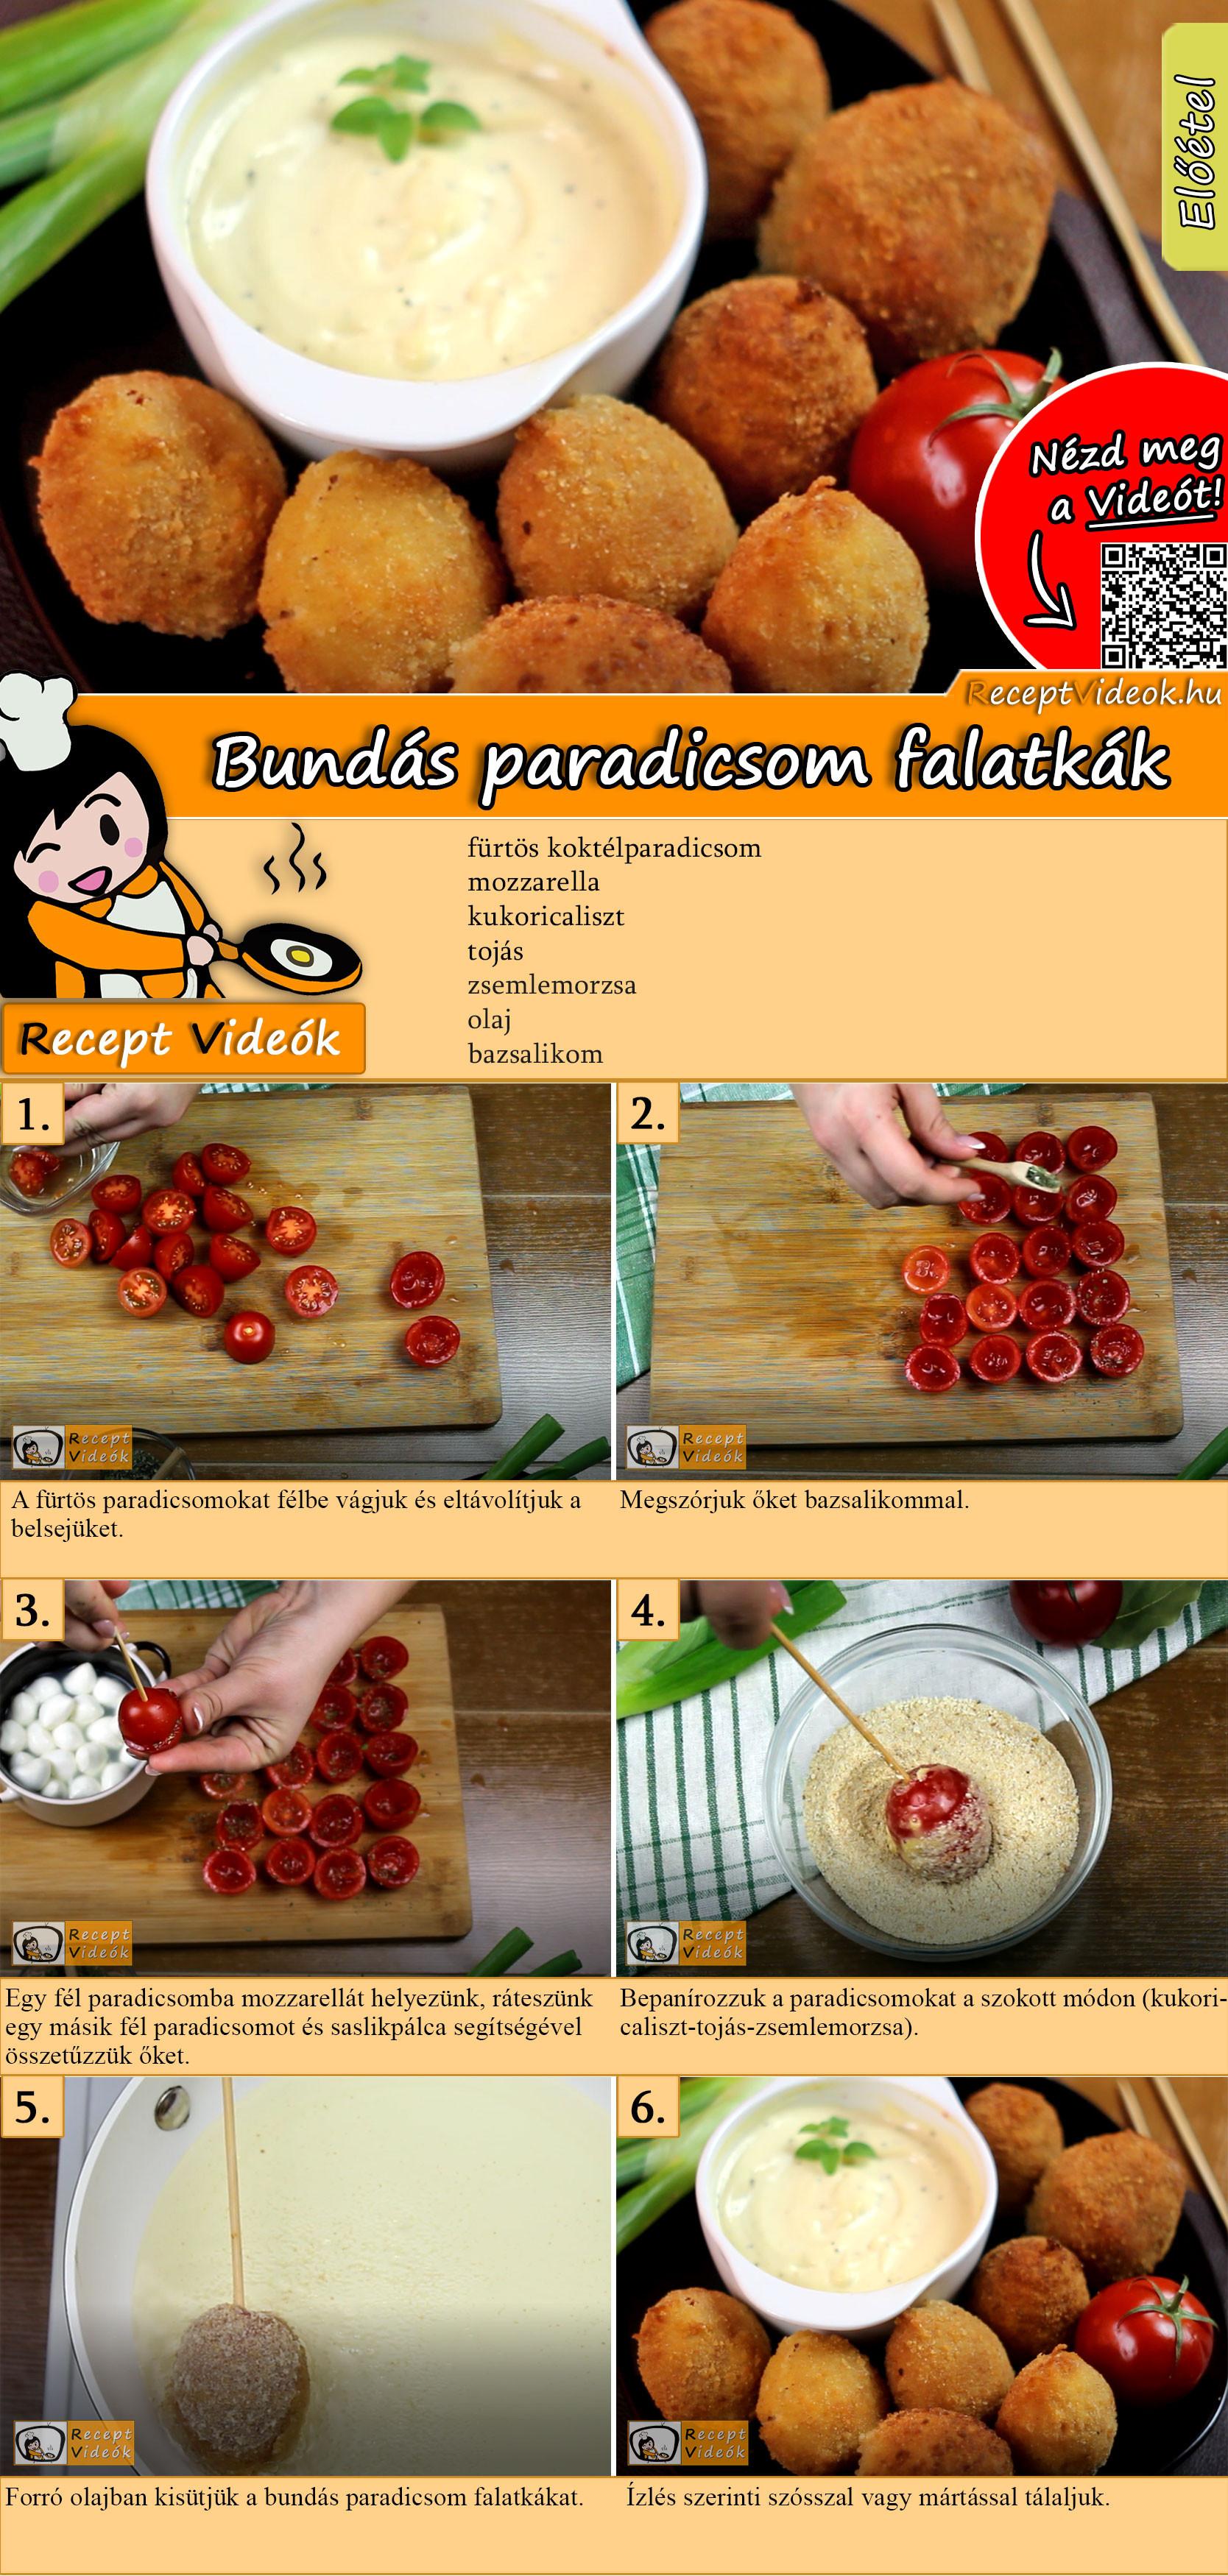 Bundás paradicsom falatkák recept elkészítése videóval